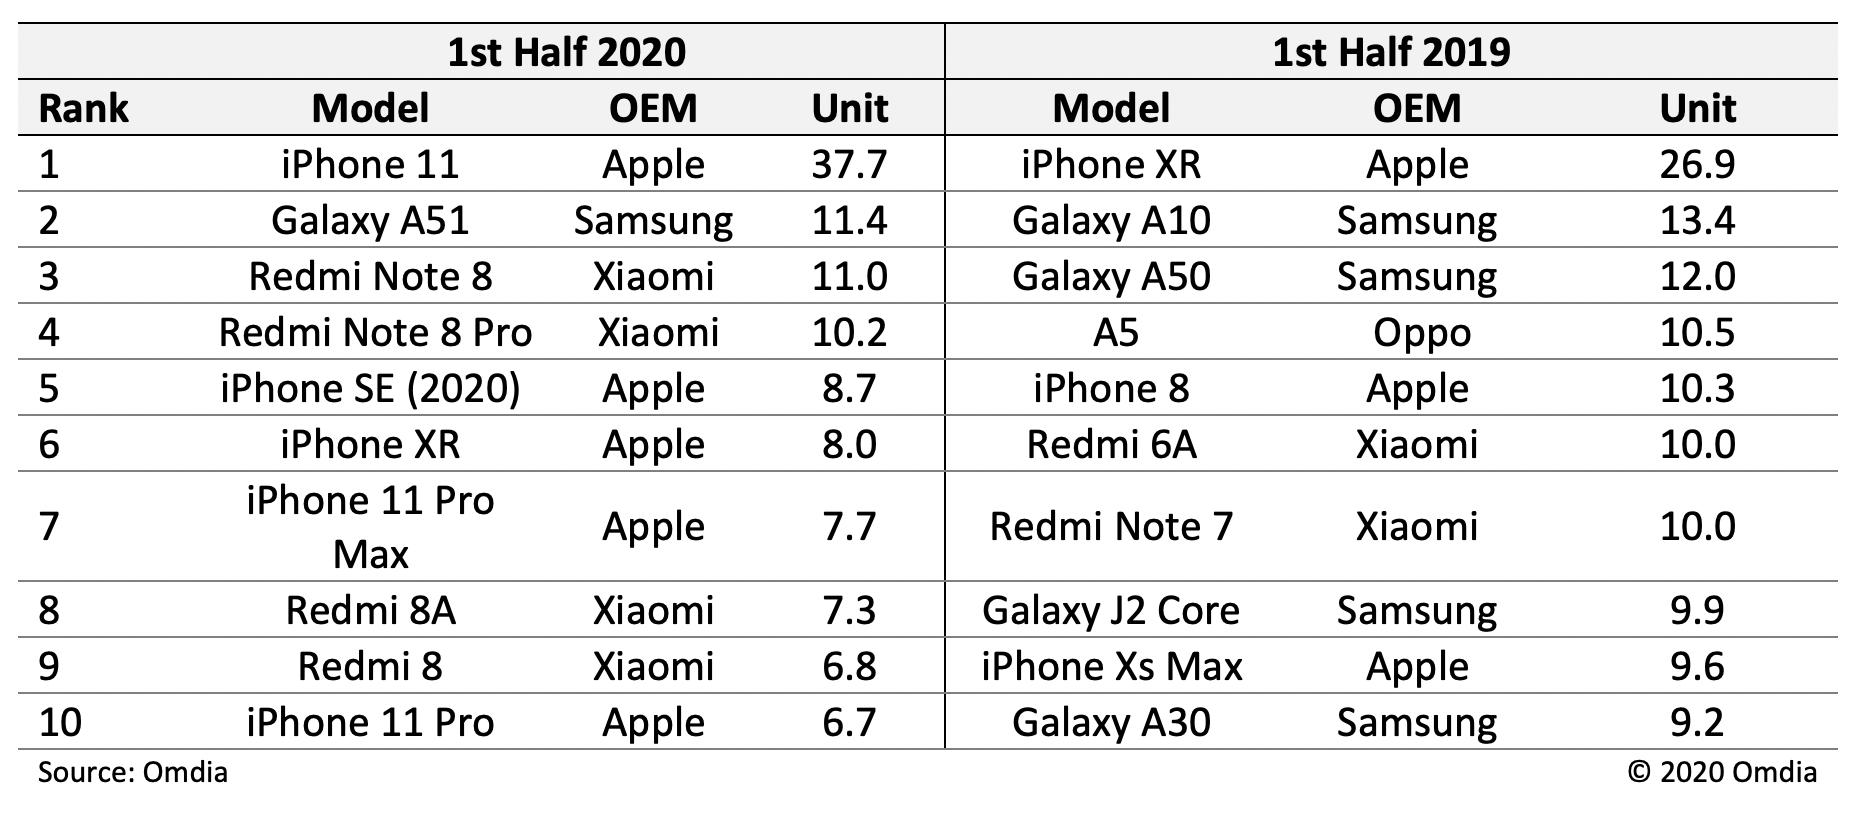 najlepiej sprzedajace sie smartfony 2020